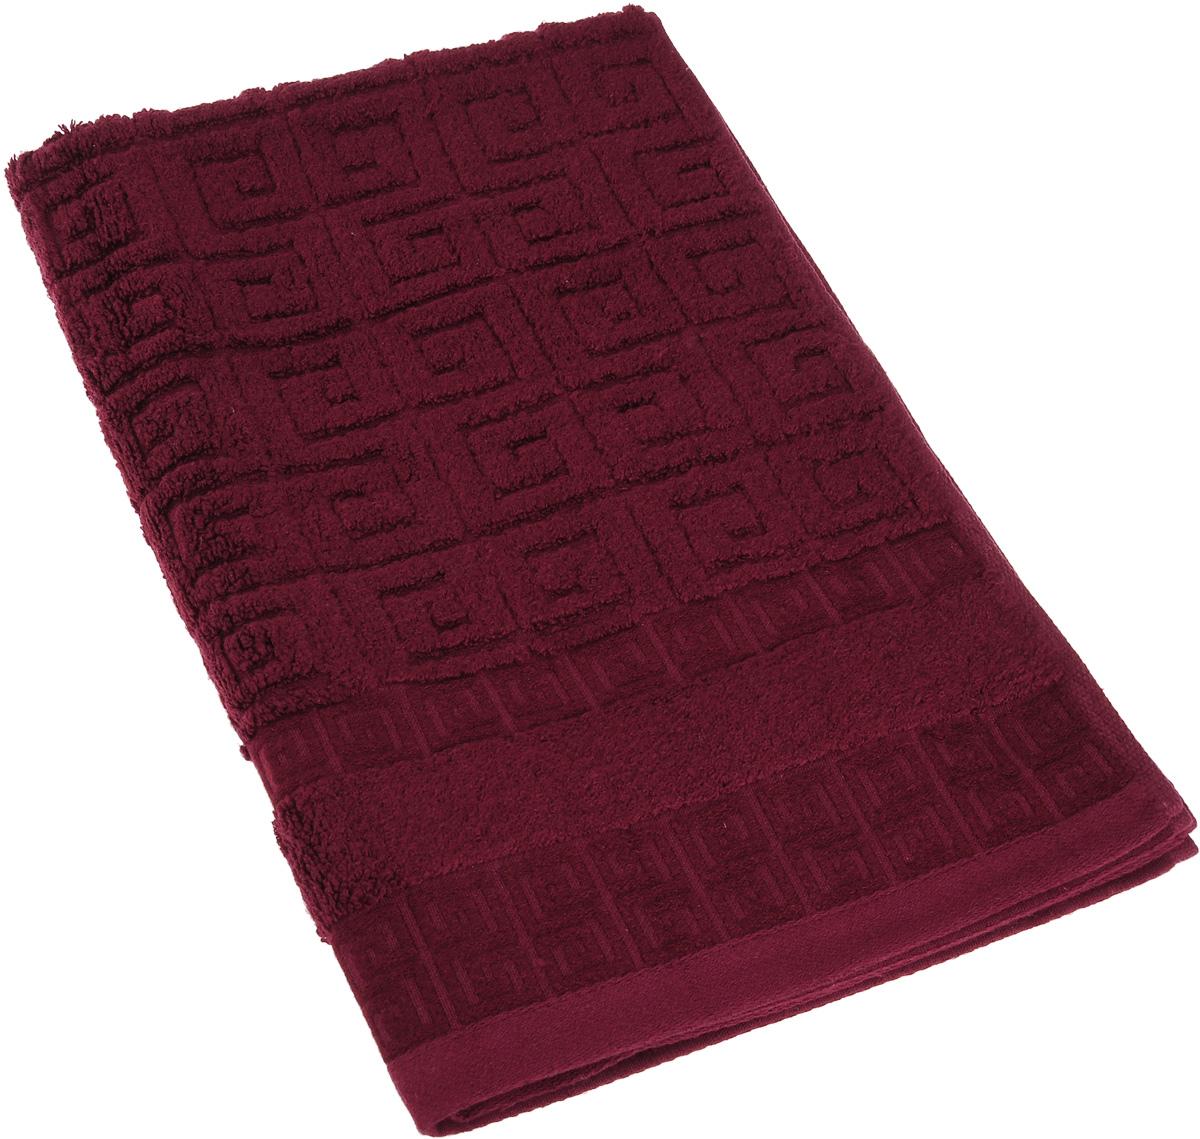 Полотенце Soavita Alber, цвет: бордовый, 50 х 70 смES-412Полотенце Soavita Alber выполнено из 100% бамбукового волокна. Изделие отлично впитывает влагу, быстро сохнет, сохраняет яркость цвета и не теряет форму даже после многократных стирок. Полотенце очень практично и неприхотливо в уходе. Оно создаст прекрасное настроение и украсит интерьер в ванной комнате.